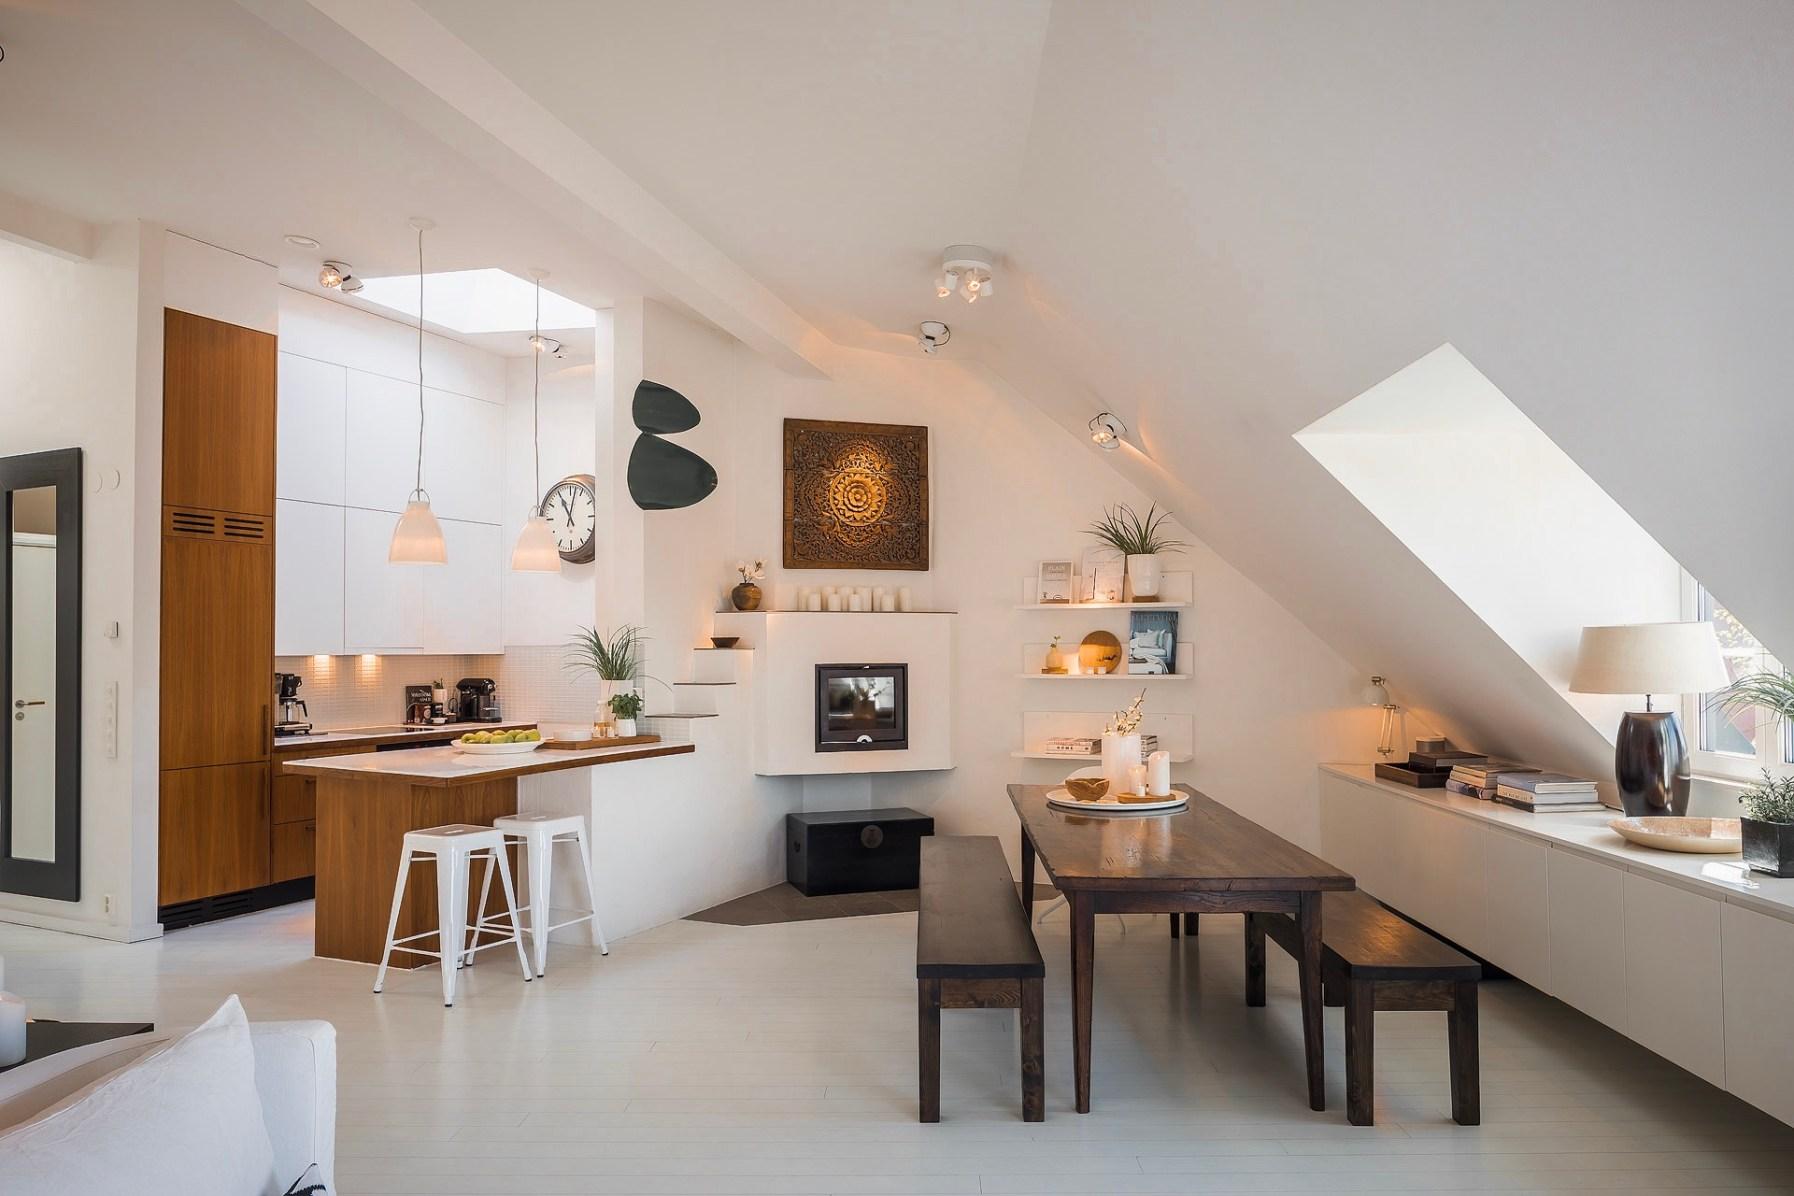 мансарда кухня столовая